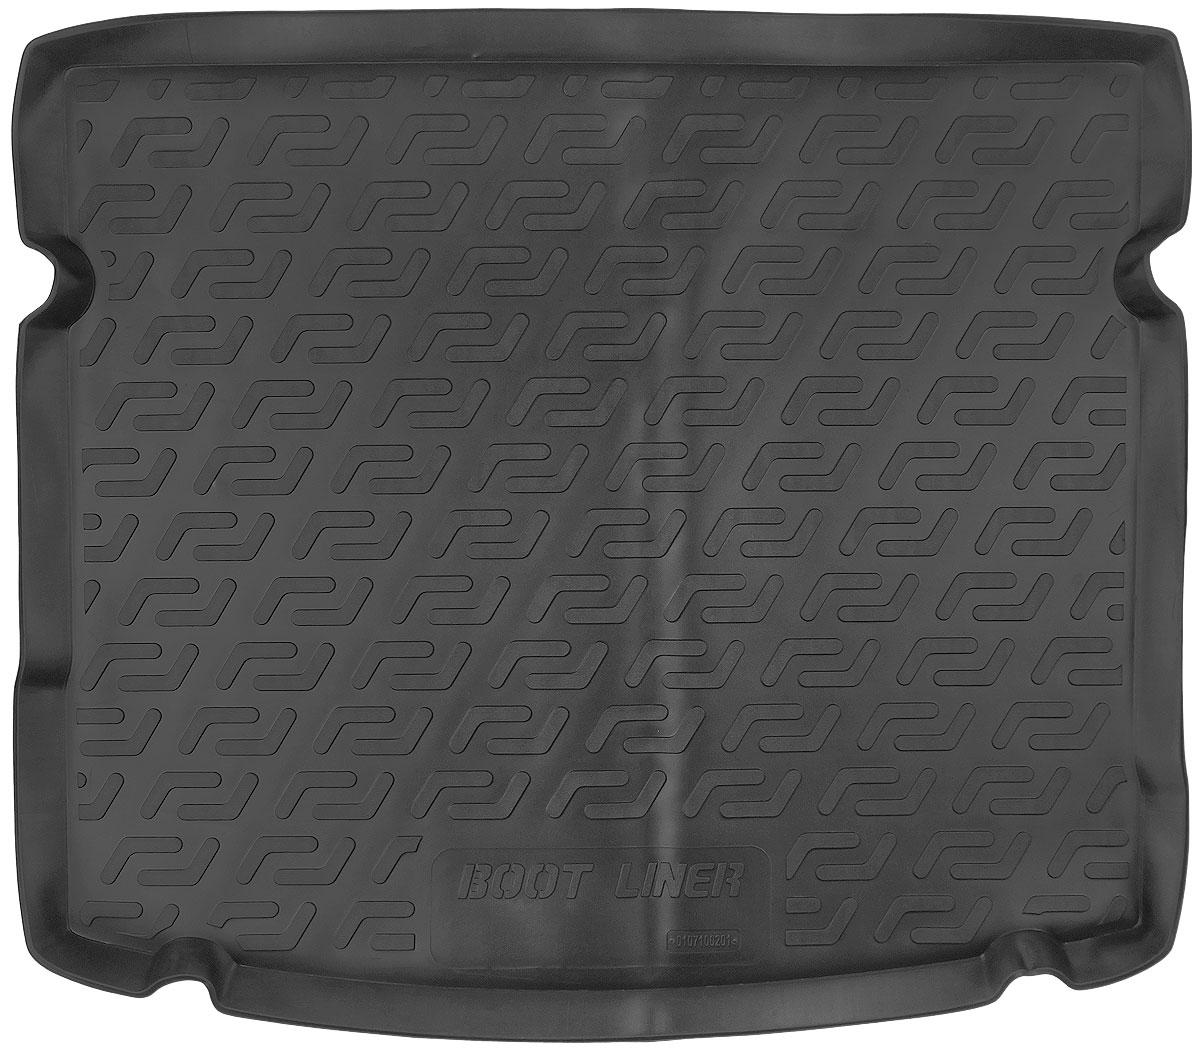 Коврик в багажник L.Locker, для Chevrolet Cruze hb (12-)0107100201Коврик L.Locker производится индивидуально для каждой модели автомобиля из современного и экологически чистого материала. Изделие точно повторяет геометрию пола автомобиля, имеет высокий борт, обладает повышенной износоустойчивостью, антискользящими свойствами, лишен резкого запаха и сохраняет свои потребительские свойства в широком диапазоне температур (от -50°С до +80°С).